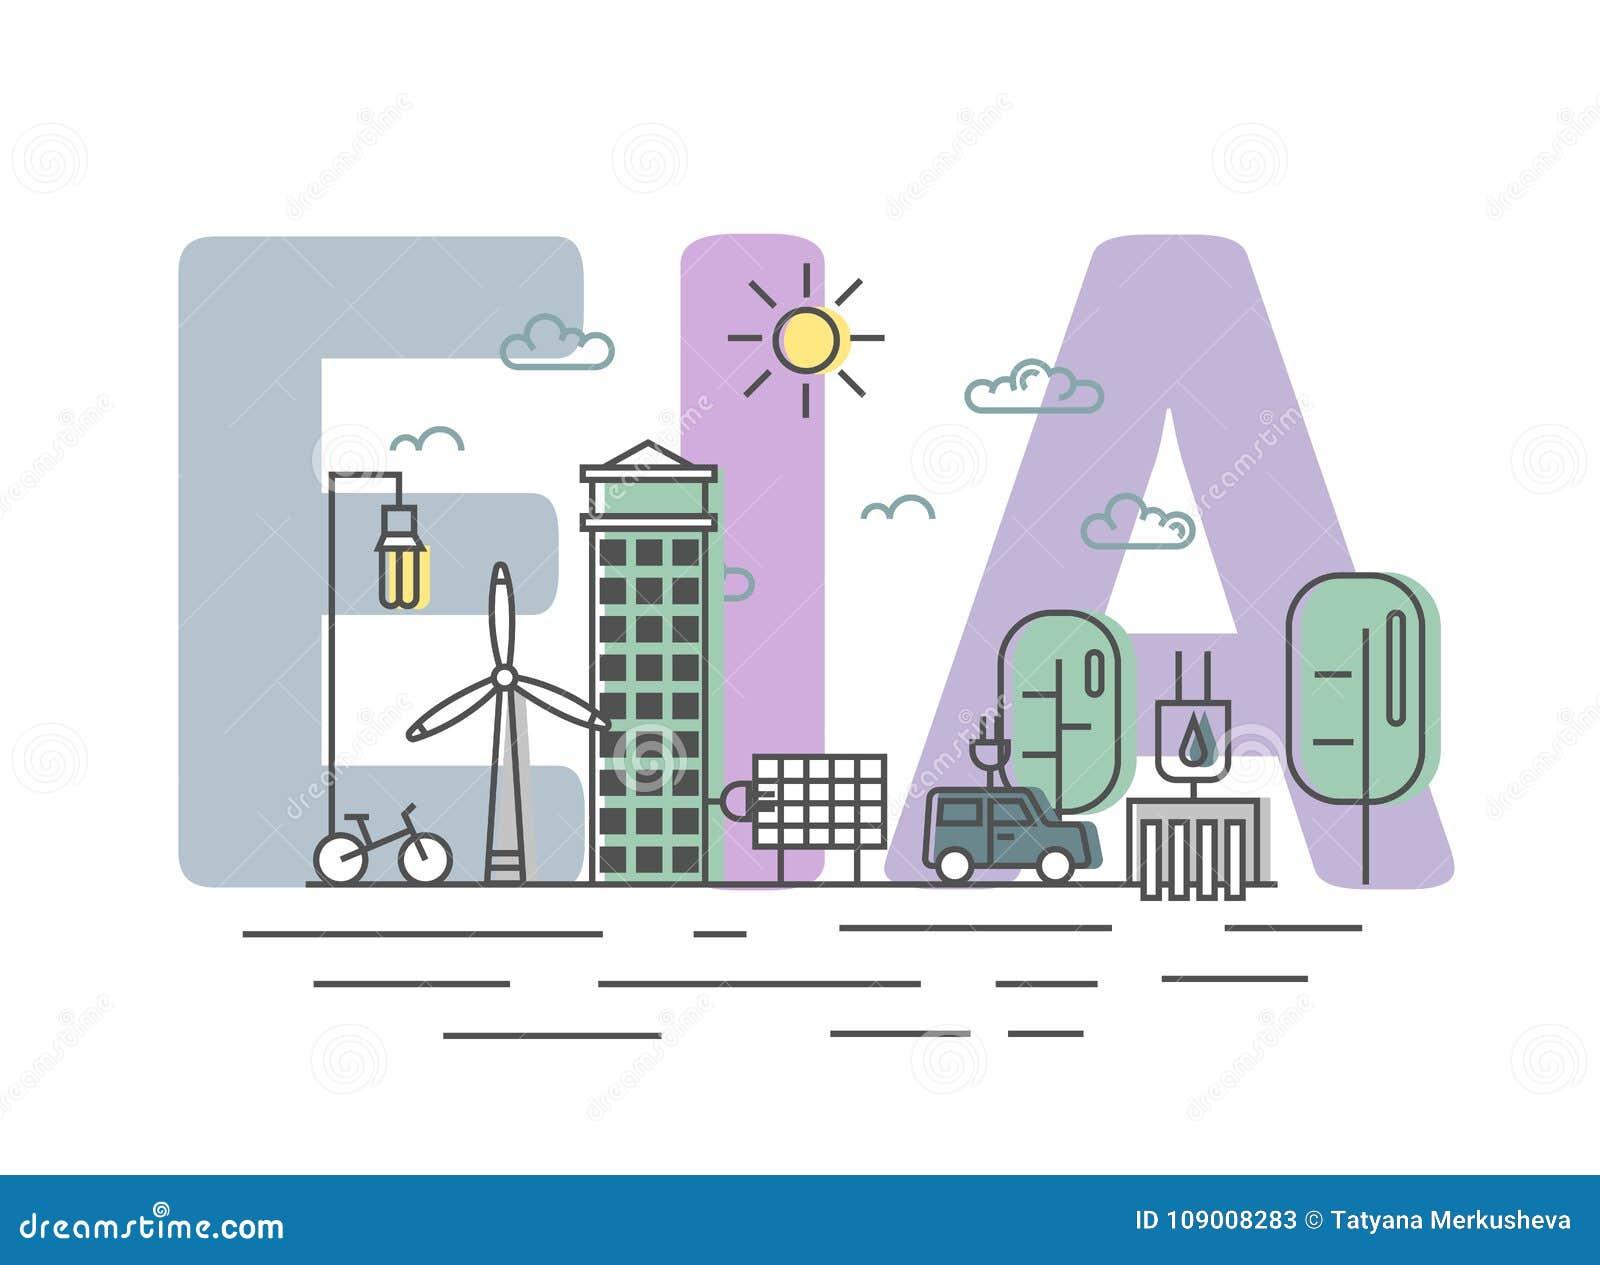 Impacto ambiental, económico y social